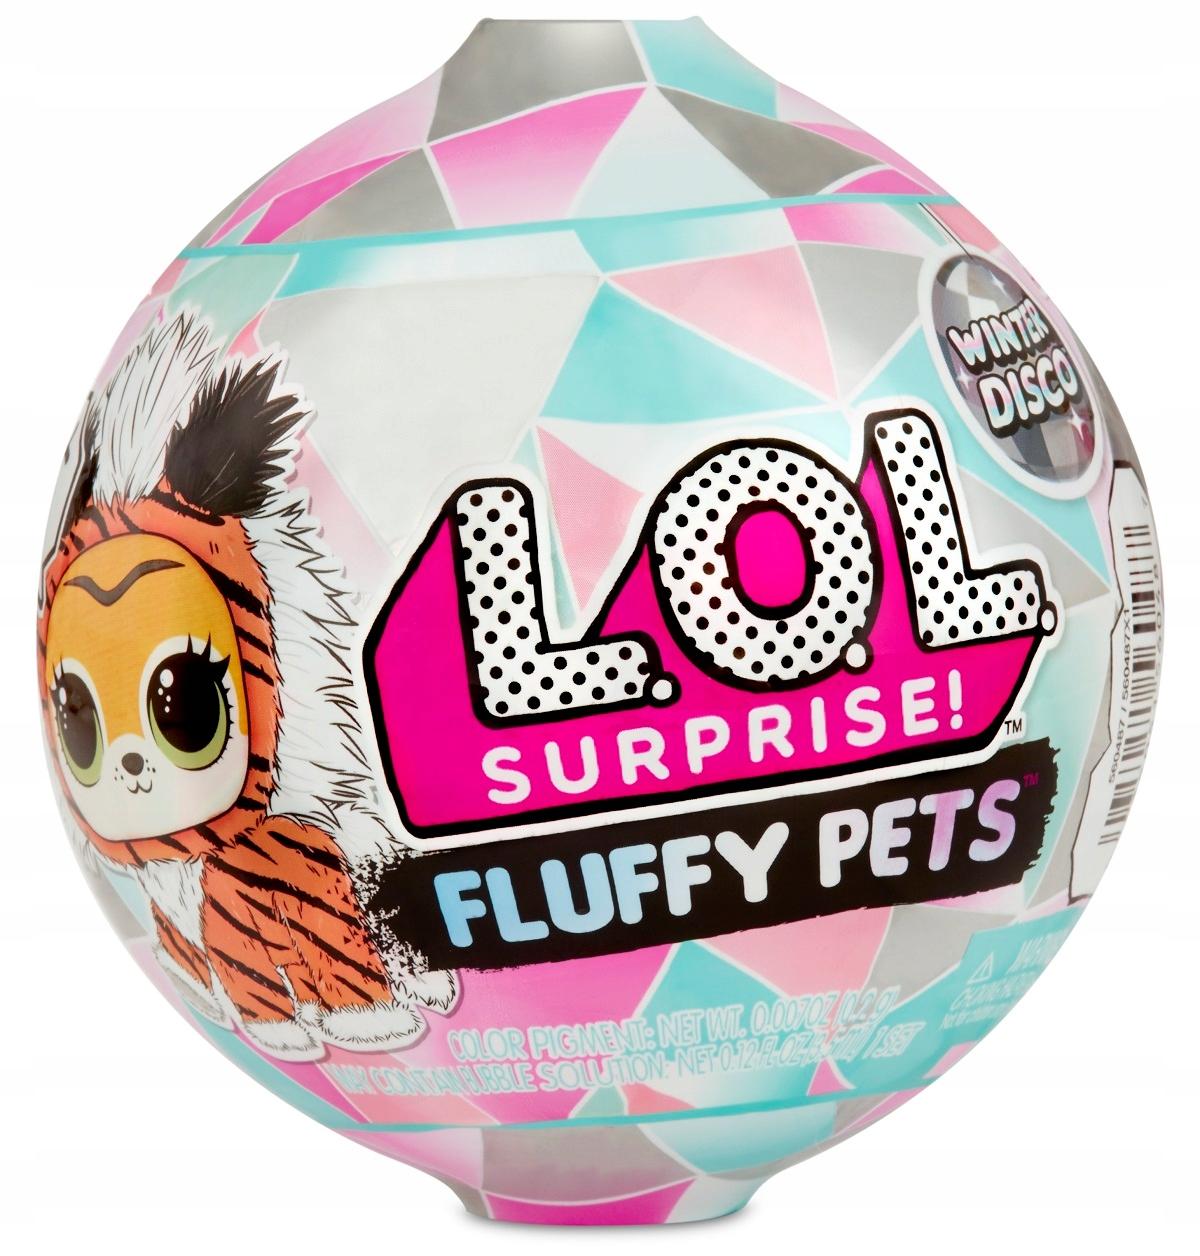 LOL FLUFFY PETS SURPRISE PET WINTER 560487